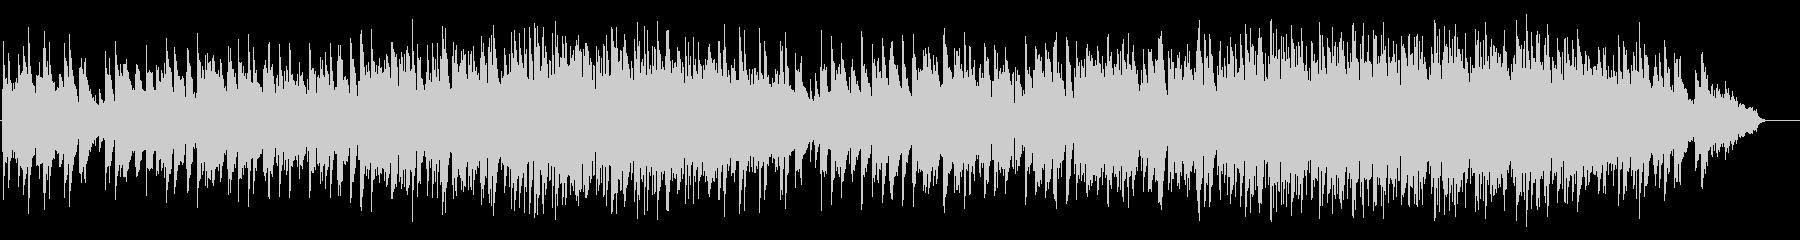 落着いたピアノ風バラード(フルサイズ)の未再生の波形